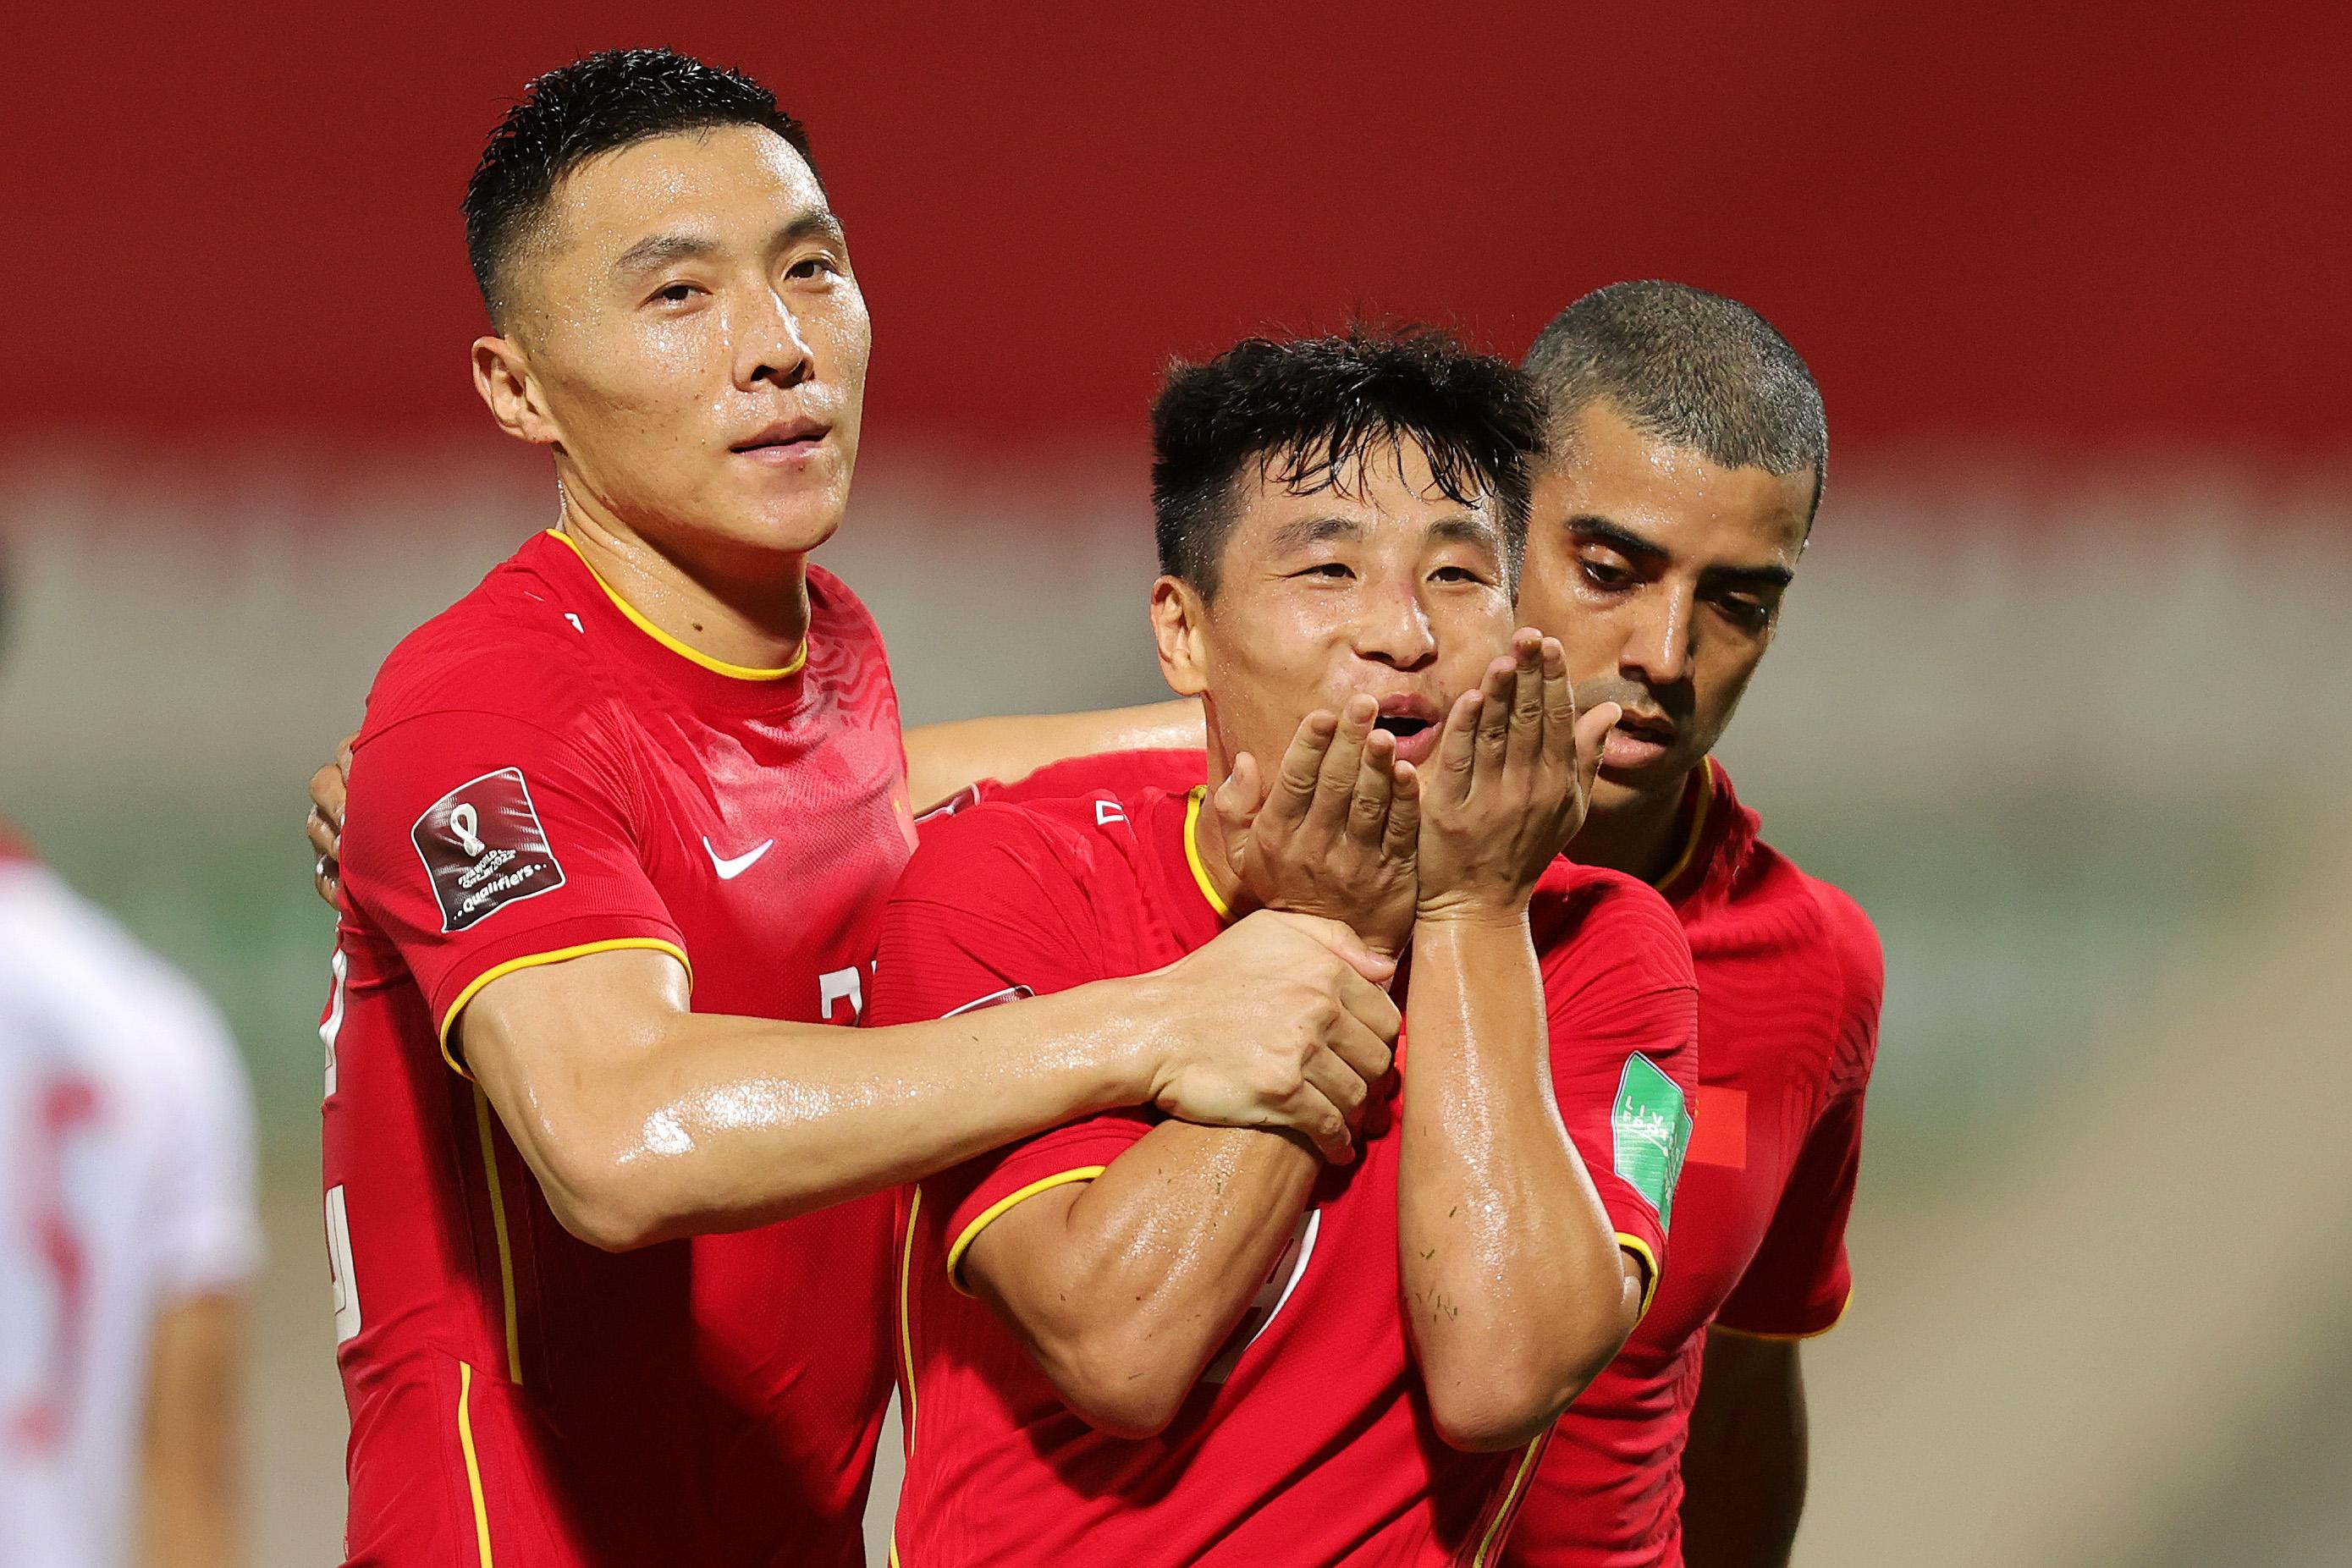 武磊和队友庆祝进球。